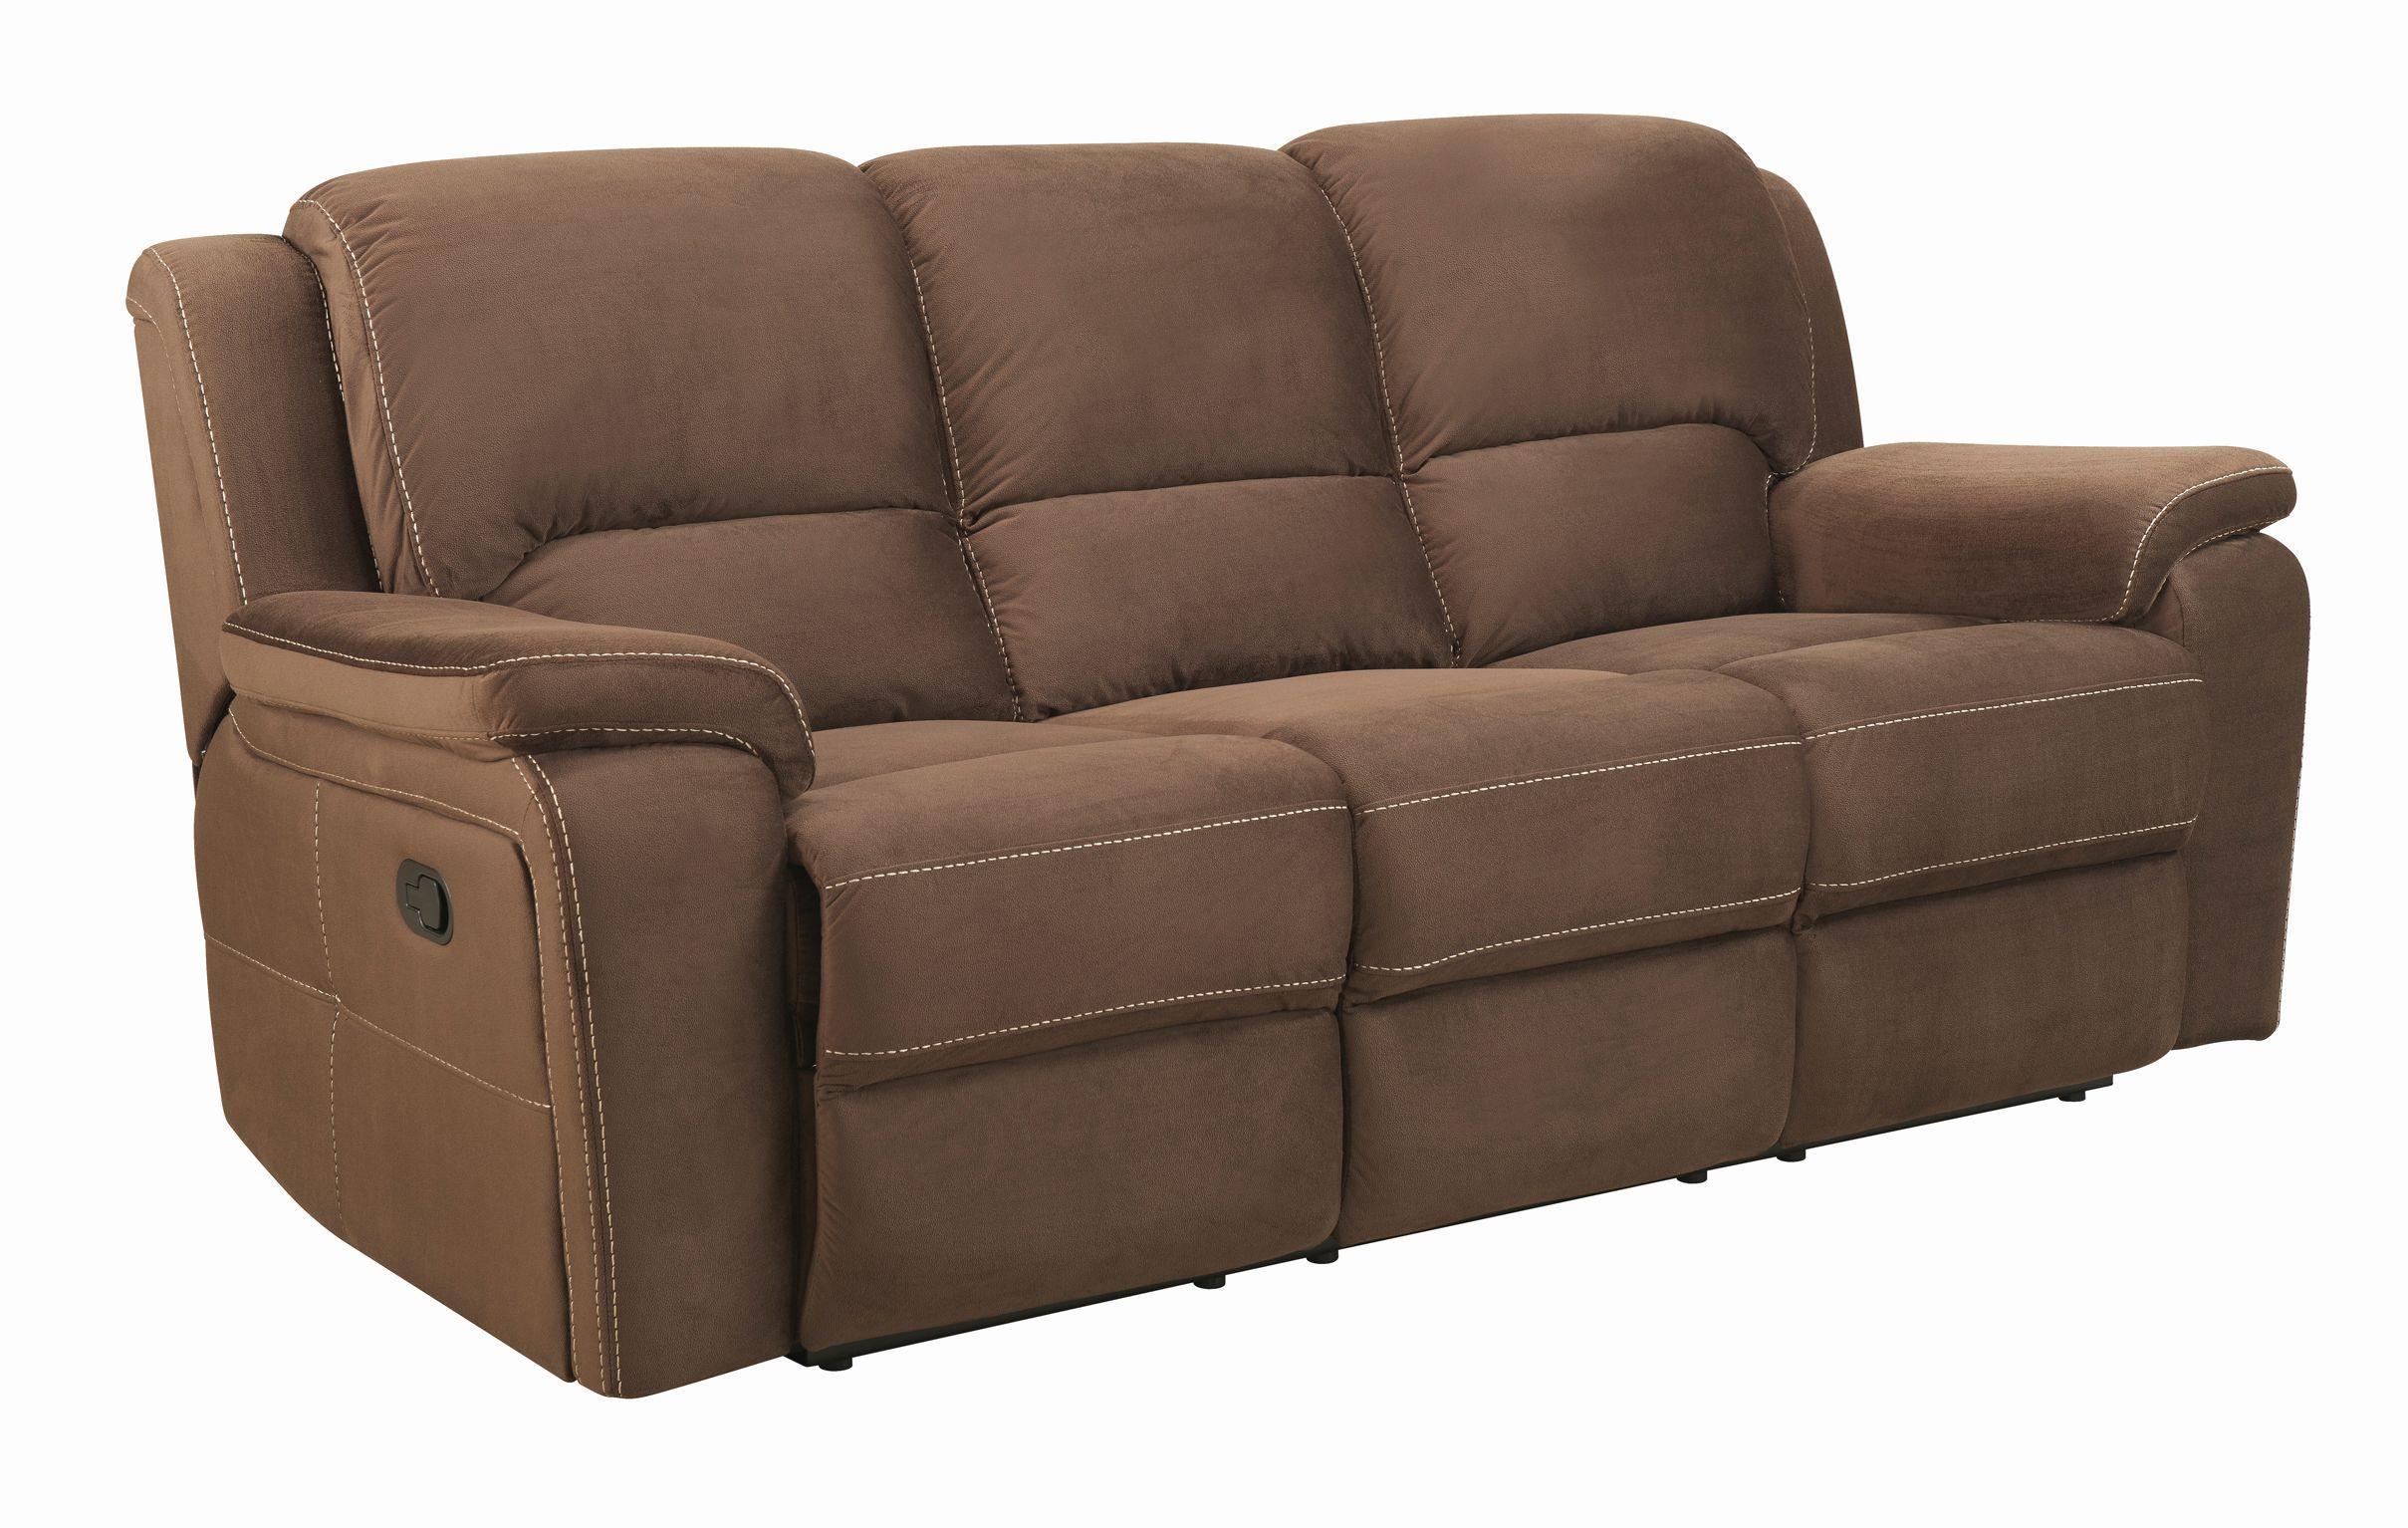 Power Reclining Bassett 3 piece set includes Power Reclining Sofa